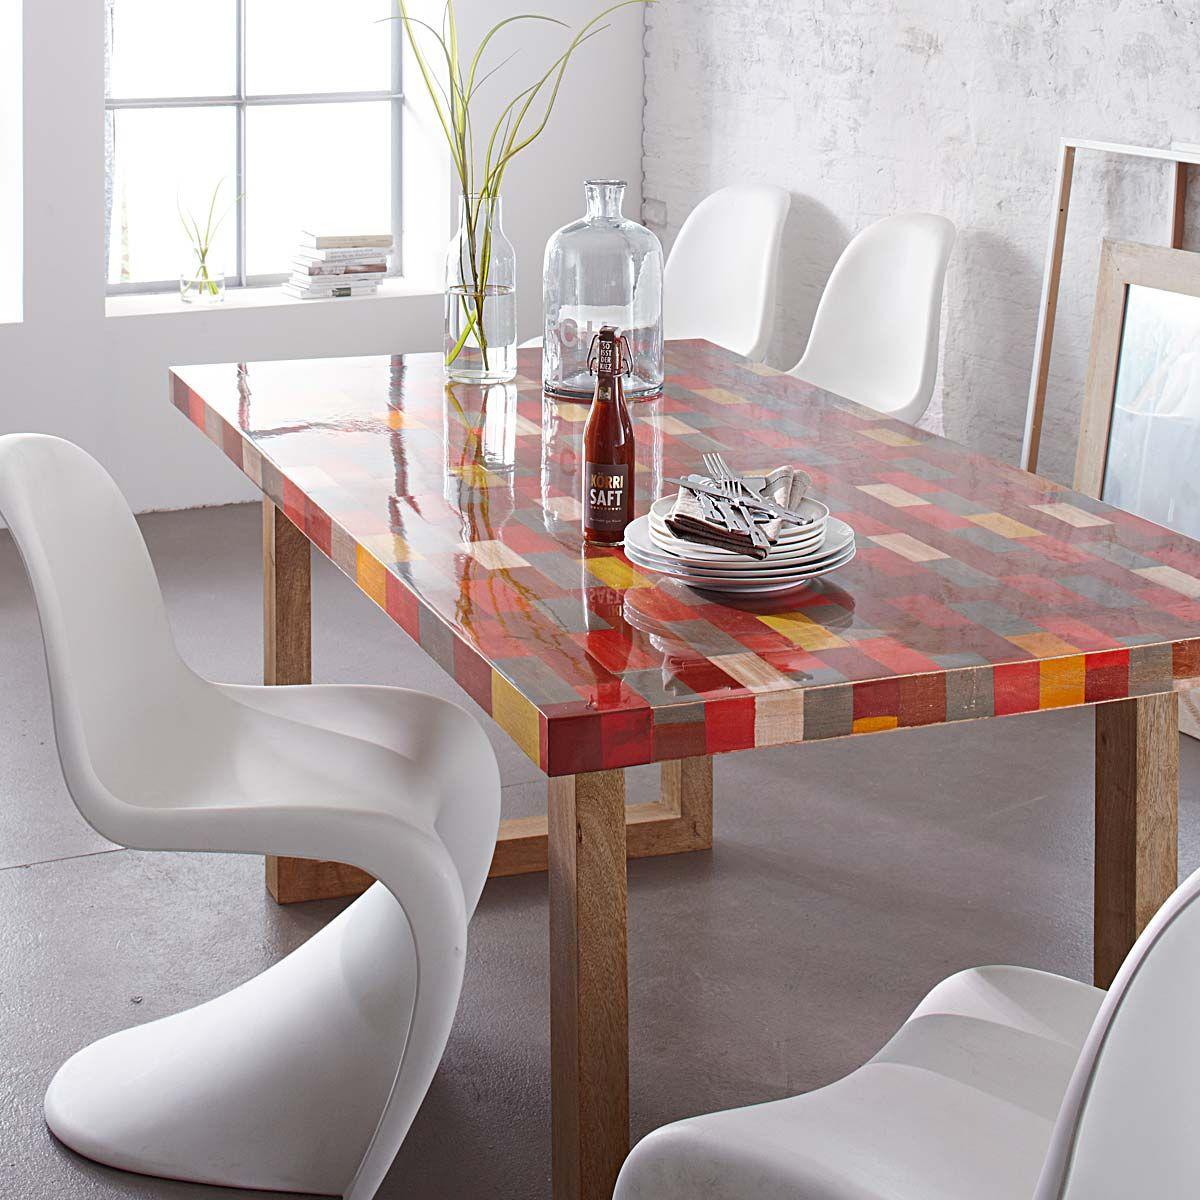 Esstisch Dining Table Impressionen Möbel Furniture Wohnzimmer